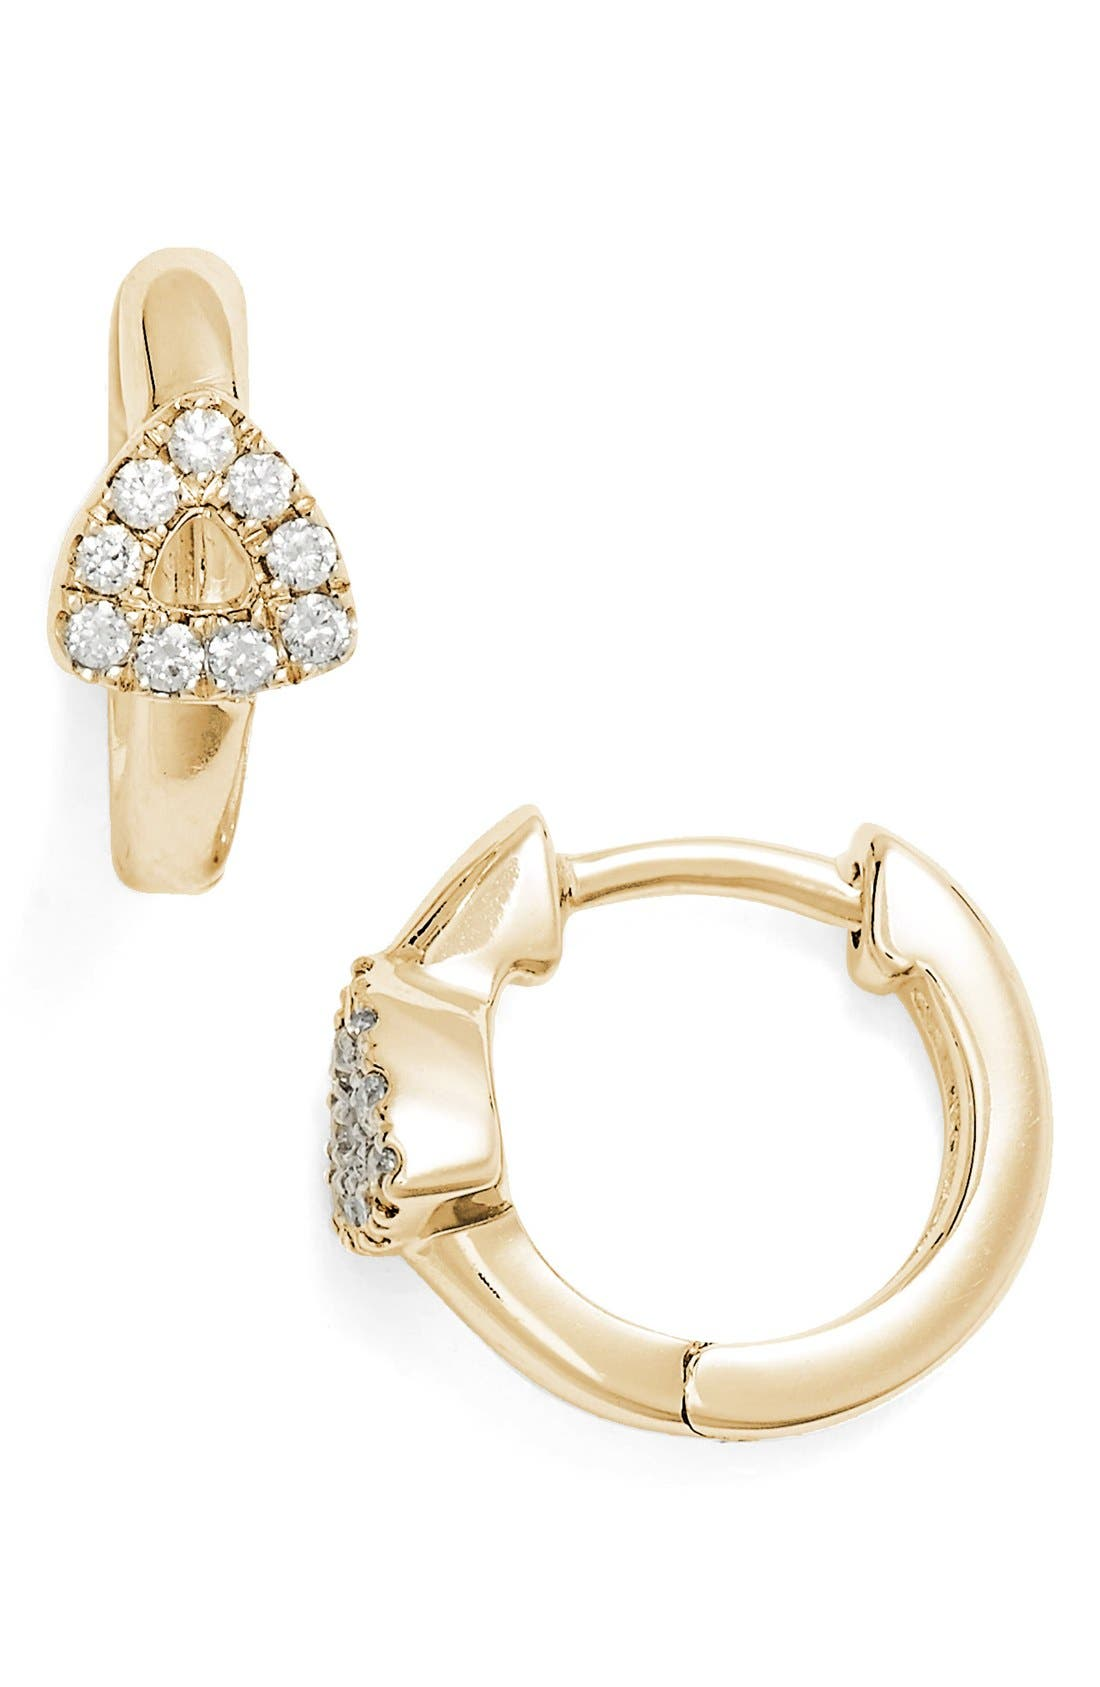 DANA REBECCA DESIGNS,                             Open Triangle Hoop Earrings,                             Main thumbnail 1, color,                             710